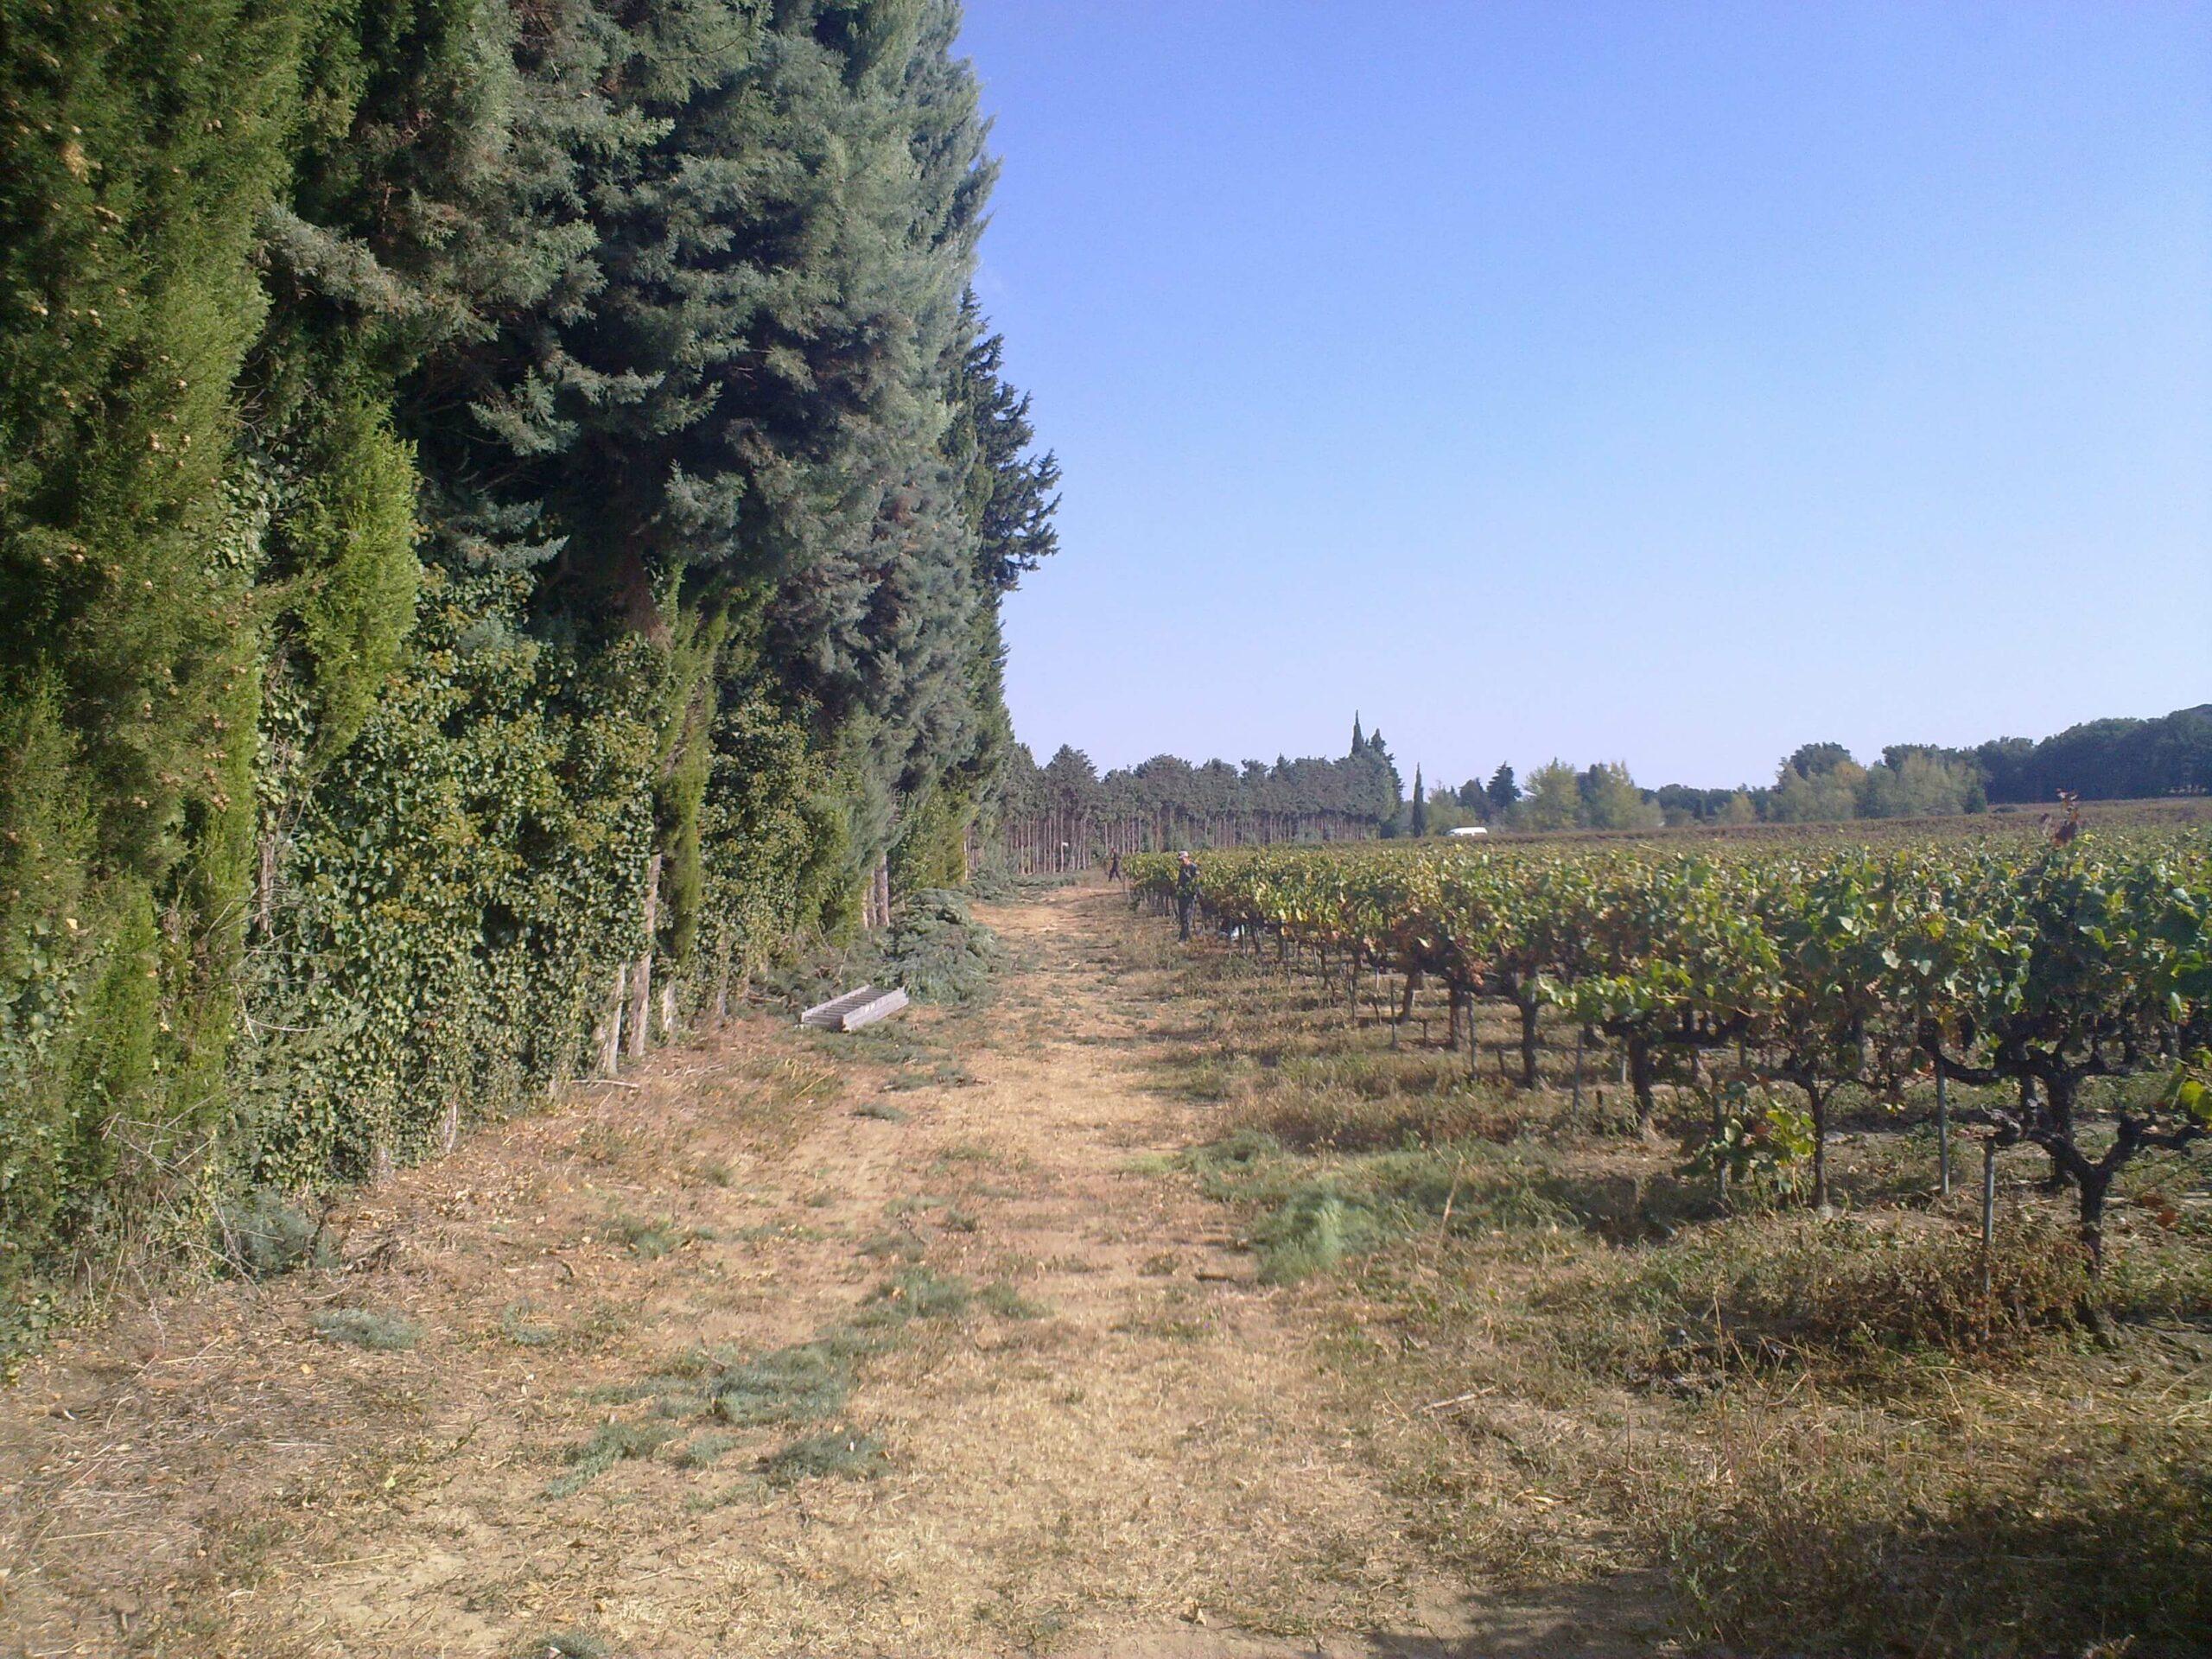 Schnittgrünproduktion Südfrankreich Schacht France